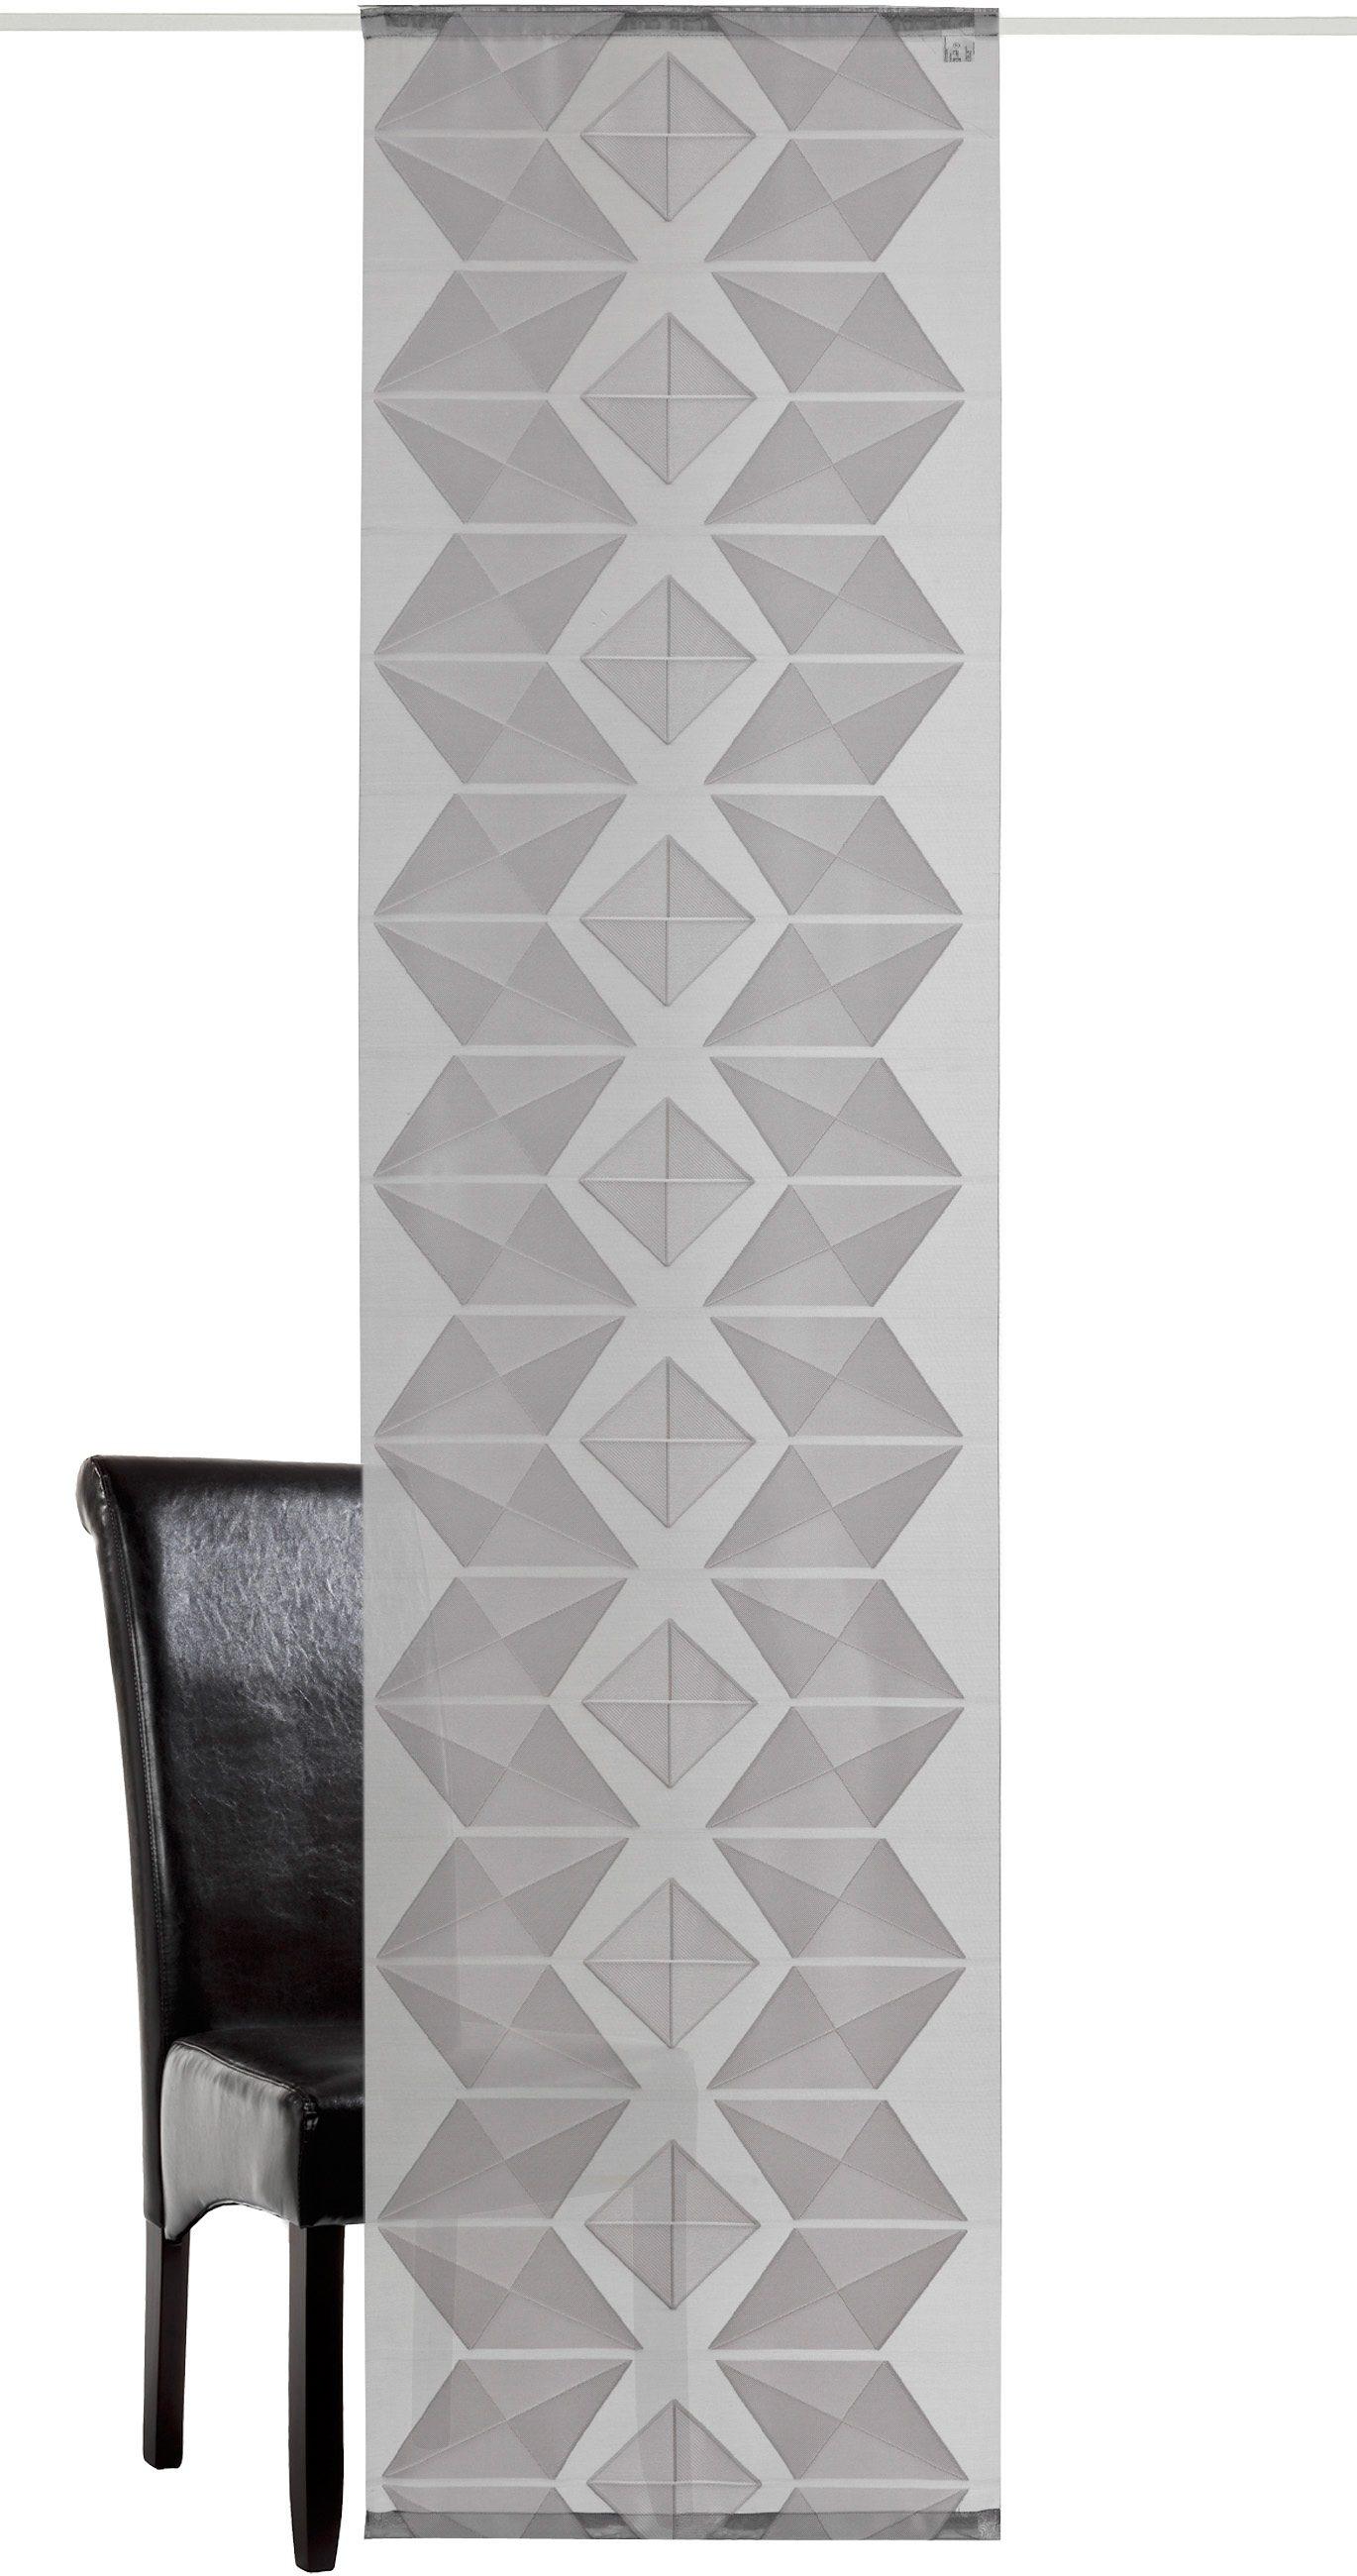 Schiebegardine, Deko Trends, »Prisma inkl. Zubehör«, mit Klettband (1 Stück)